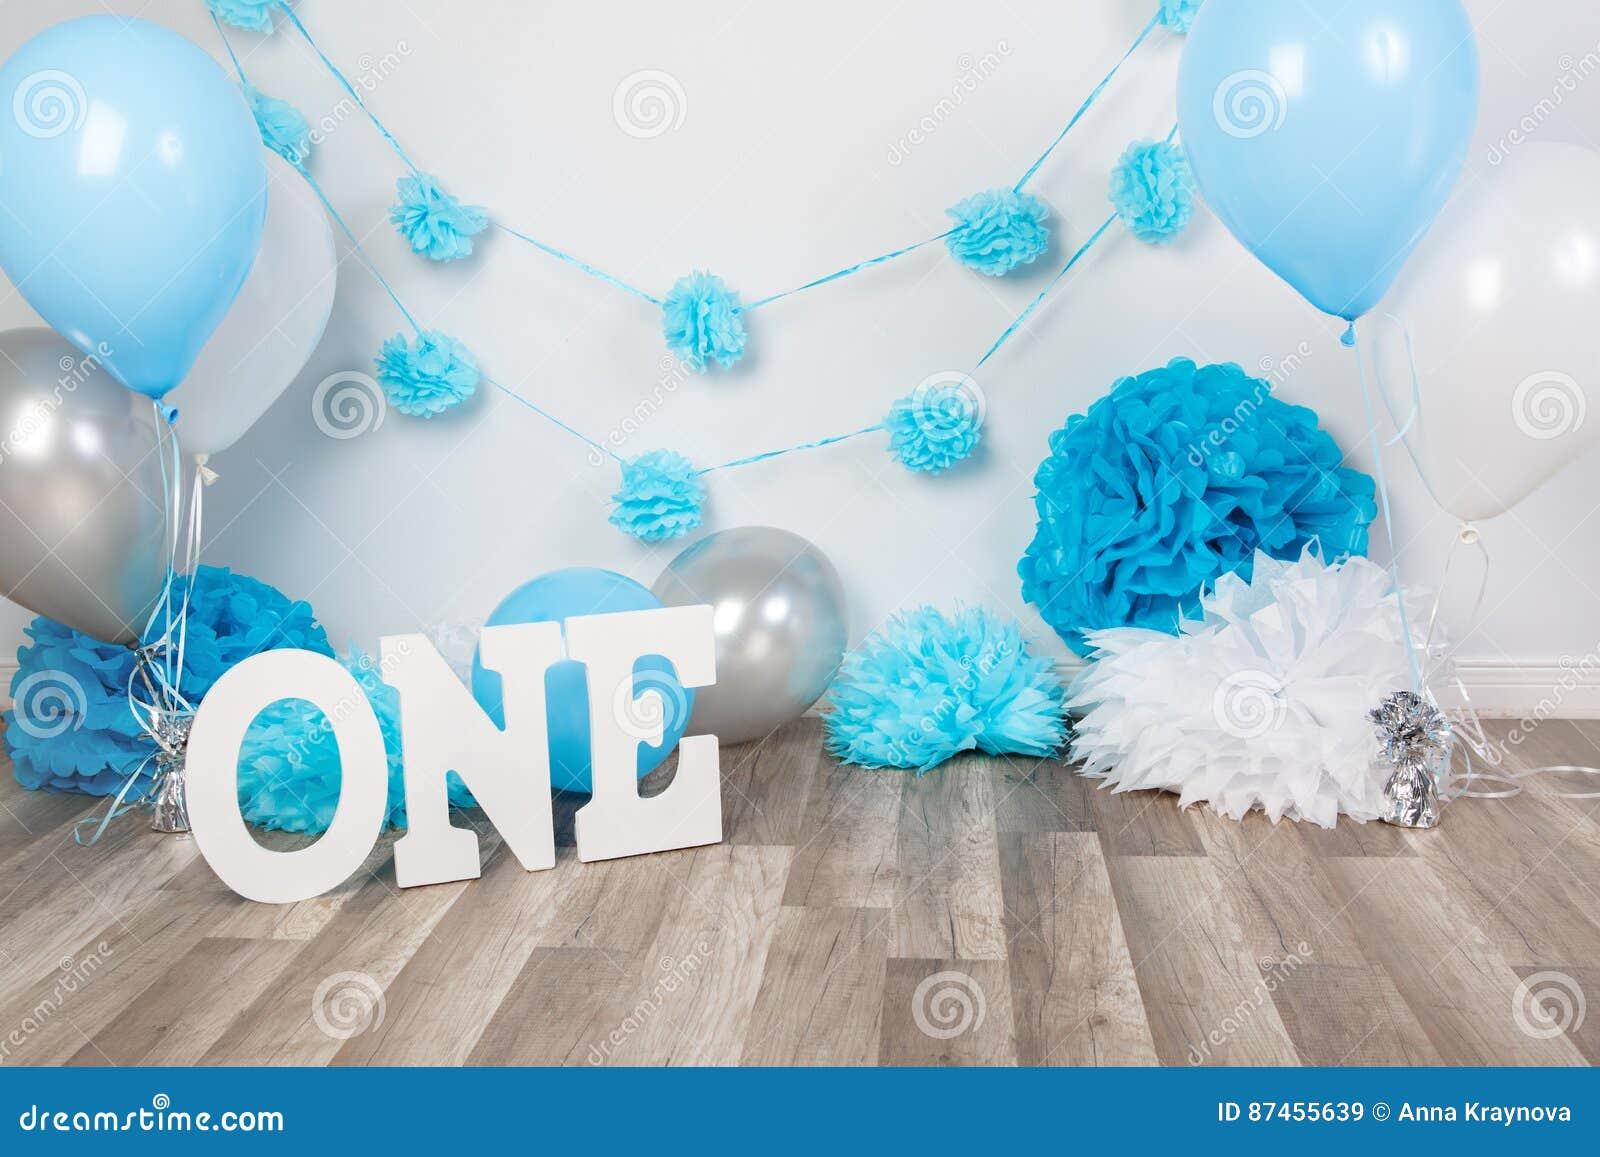 生日庆祝的背景说装饰与食家蛋糕的信件一和蓝色气球在演播室